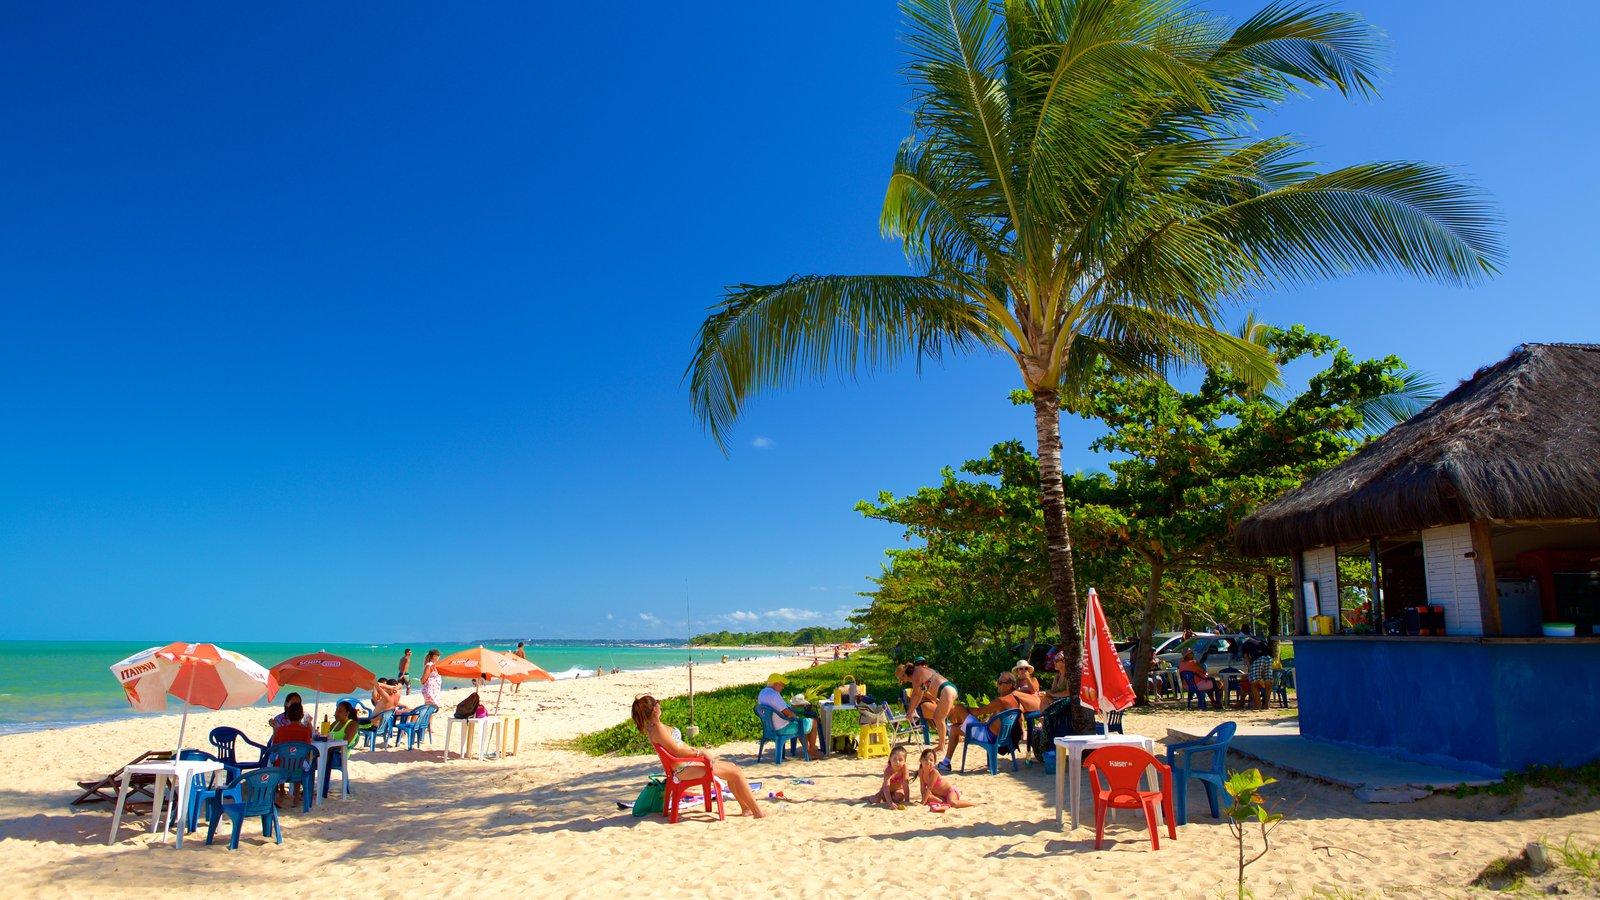 Praia de Taperapuã mostrando paisagens litorâneas e uma praia assim como um pequeno grupo de pessoas